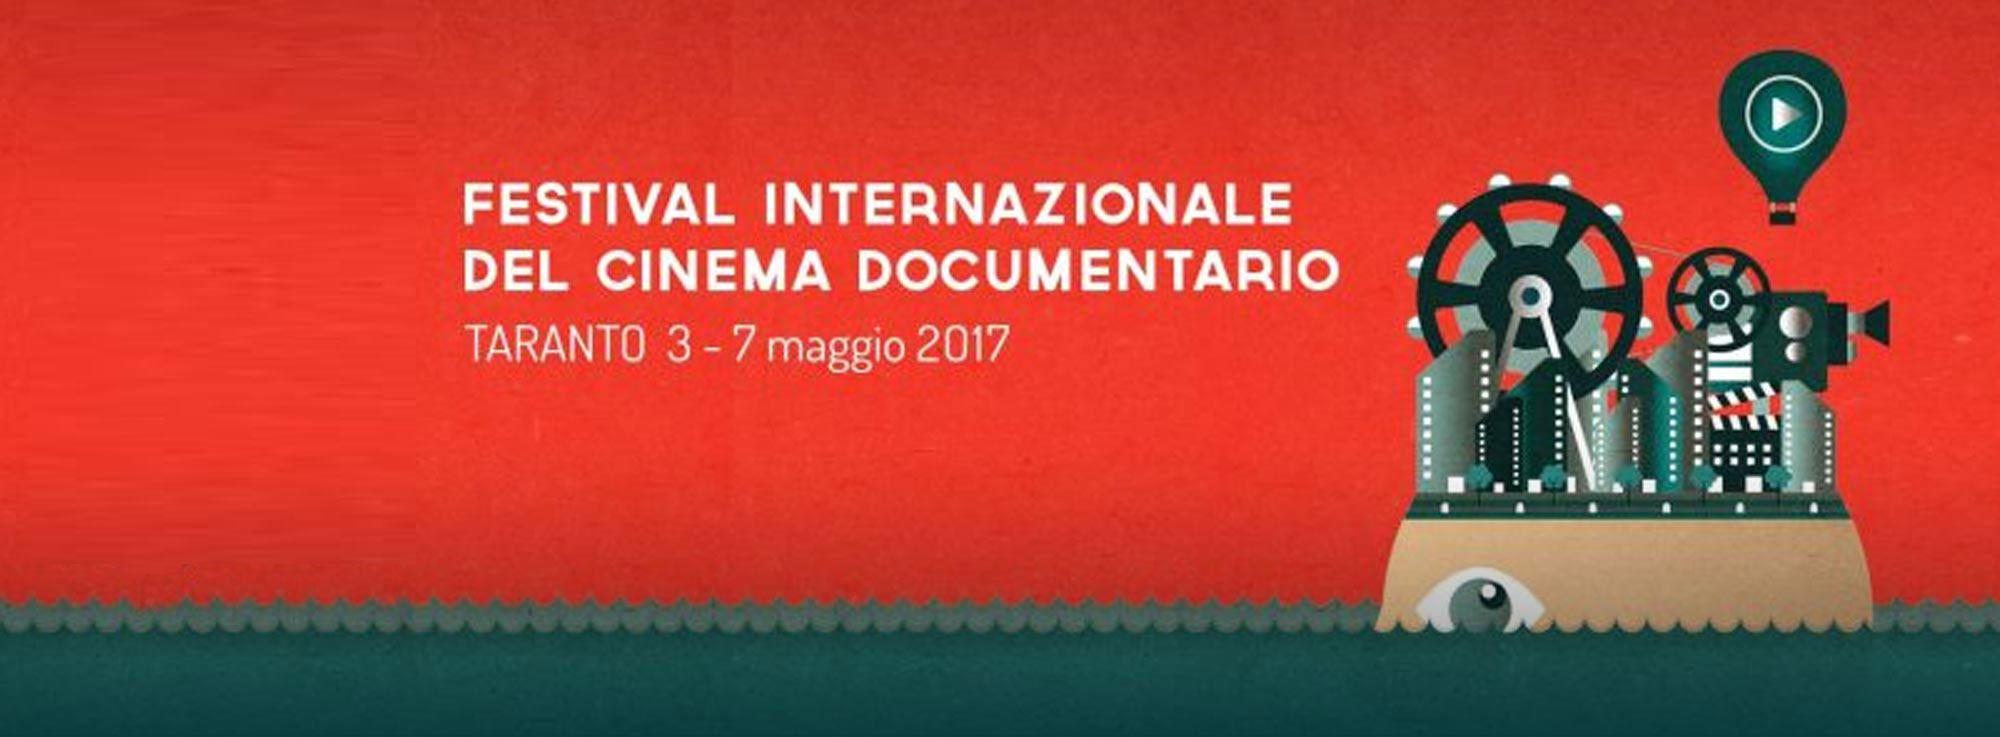 Taranto: Festival internazionale del Cinema documentario